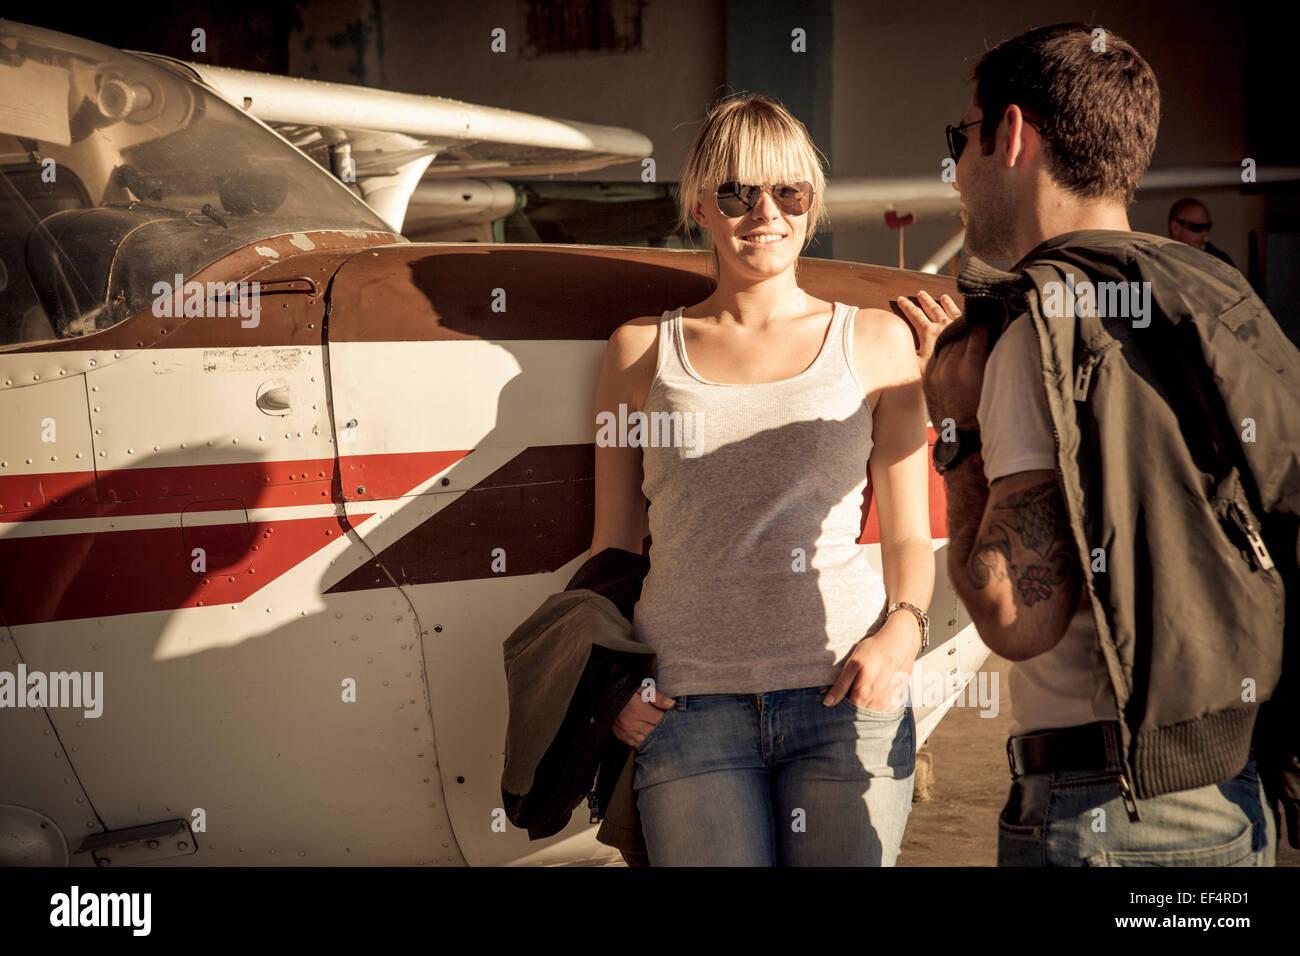 Pareja joven apoyándose contra el avión de hélice Imagen De Stock